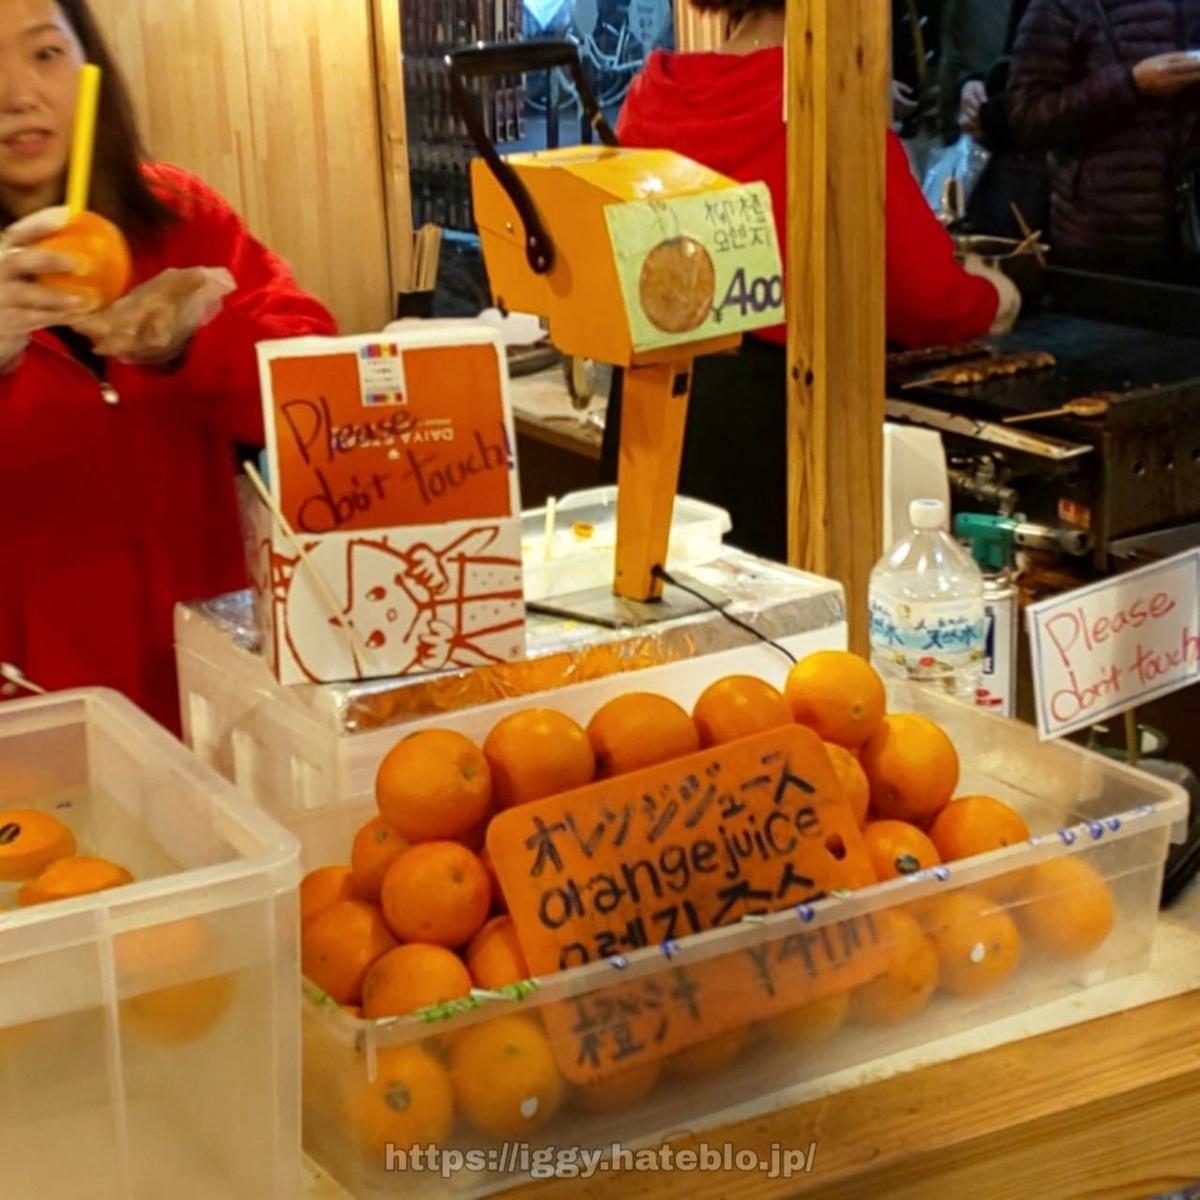 オレンジジュース看板 口コミ レビュー